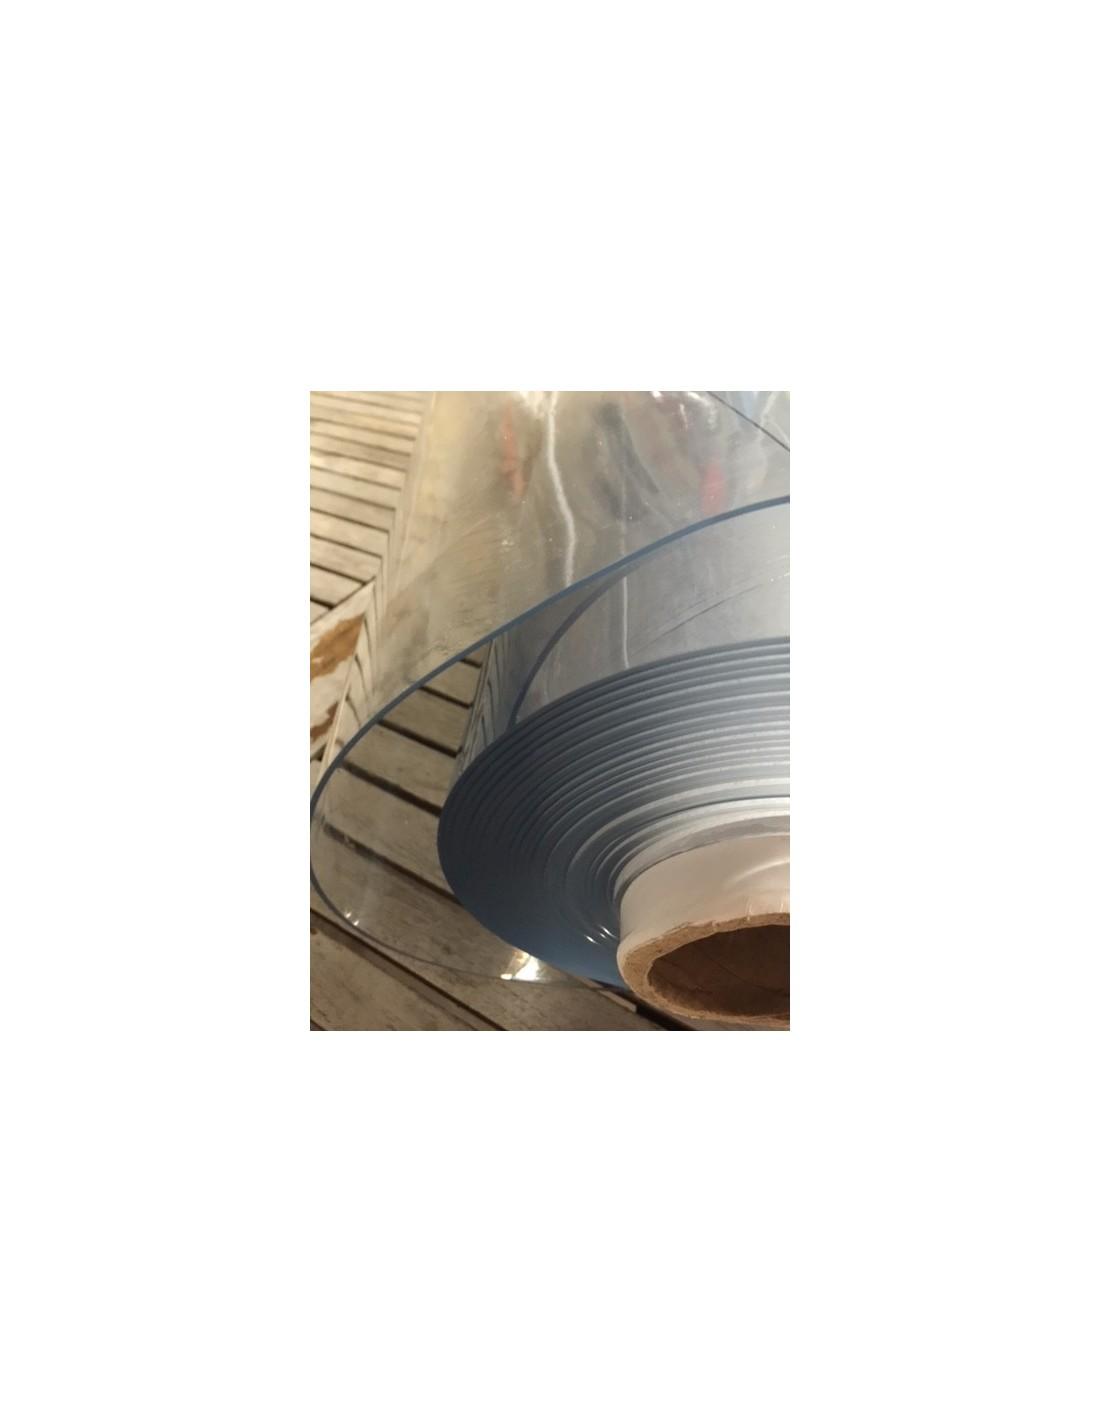 nappe cristal 2 mm transparente epaisse toile ciree bache cristal pvc sous nappe cristal protege table plateau de verre